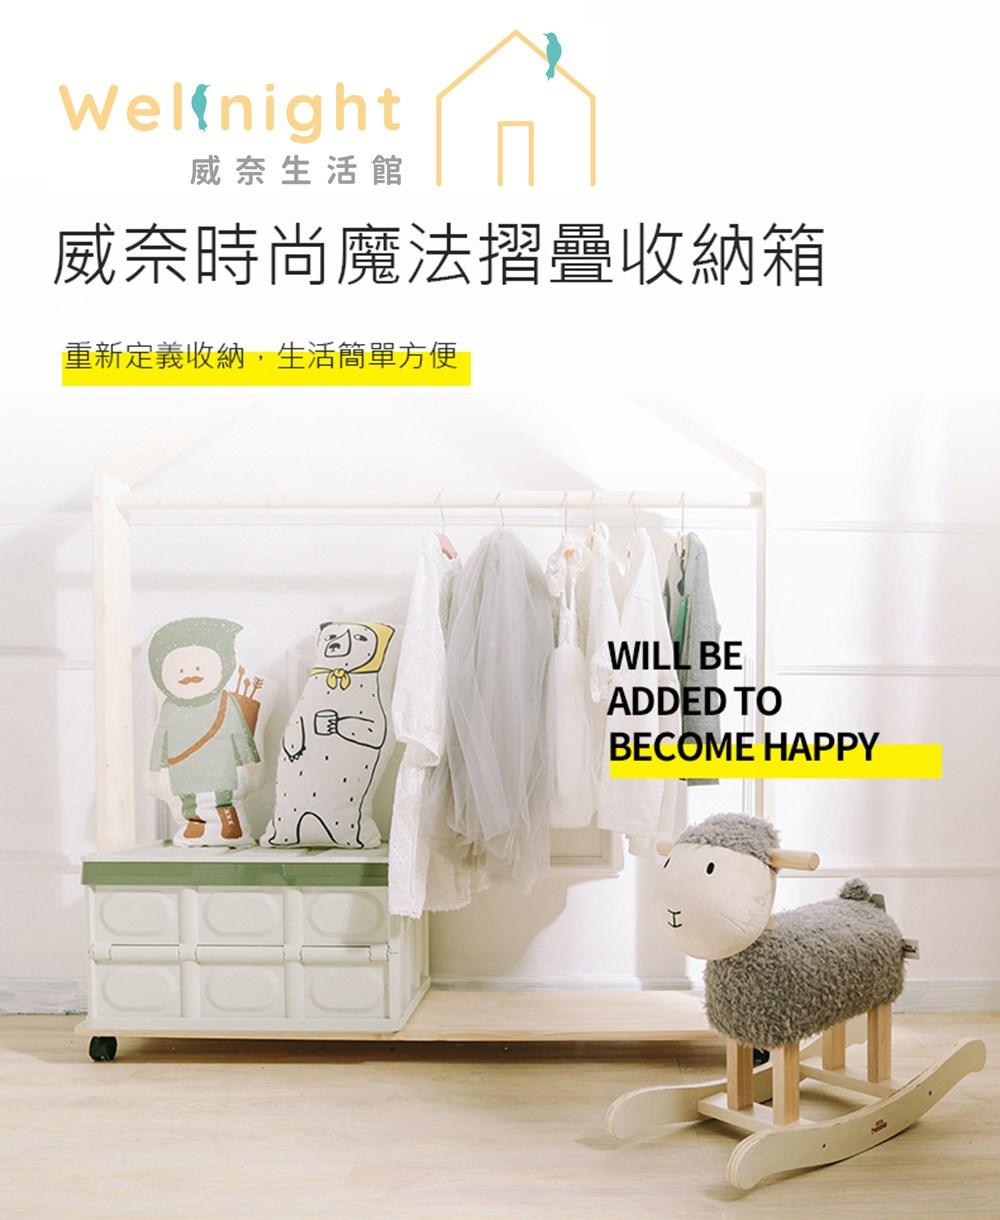 Wellnight。威奈時尚魔法摺疊收納箱。重新定義收納,生活簡單方便。WILL BE ADDED TO BECOME HAPPY。